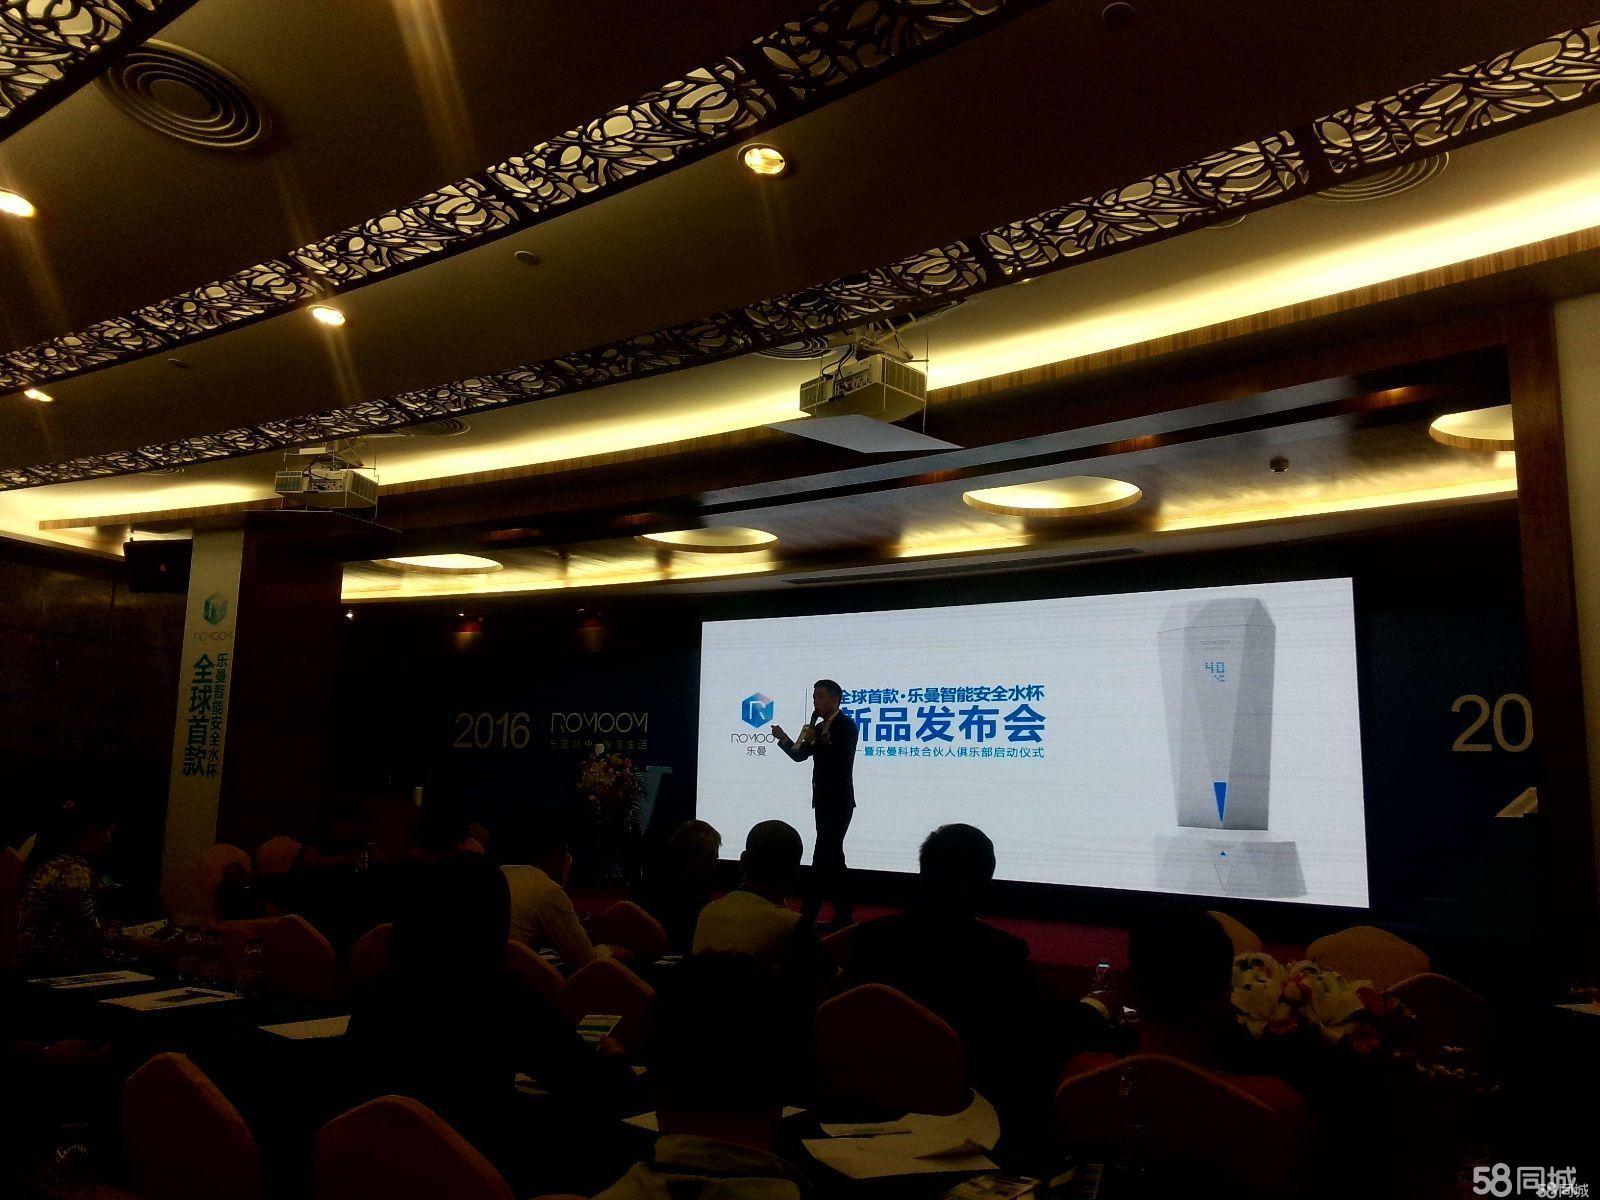 郑州投影机 灯光音响LED大屏出租 郑州投影机厂家